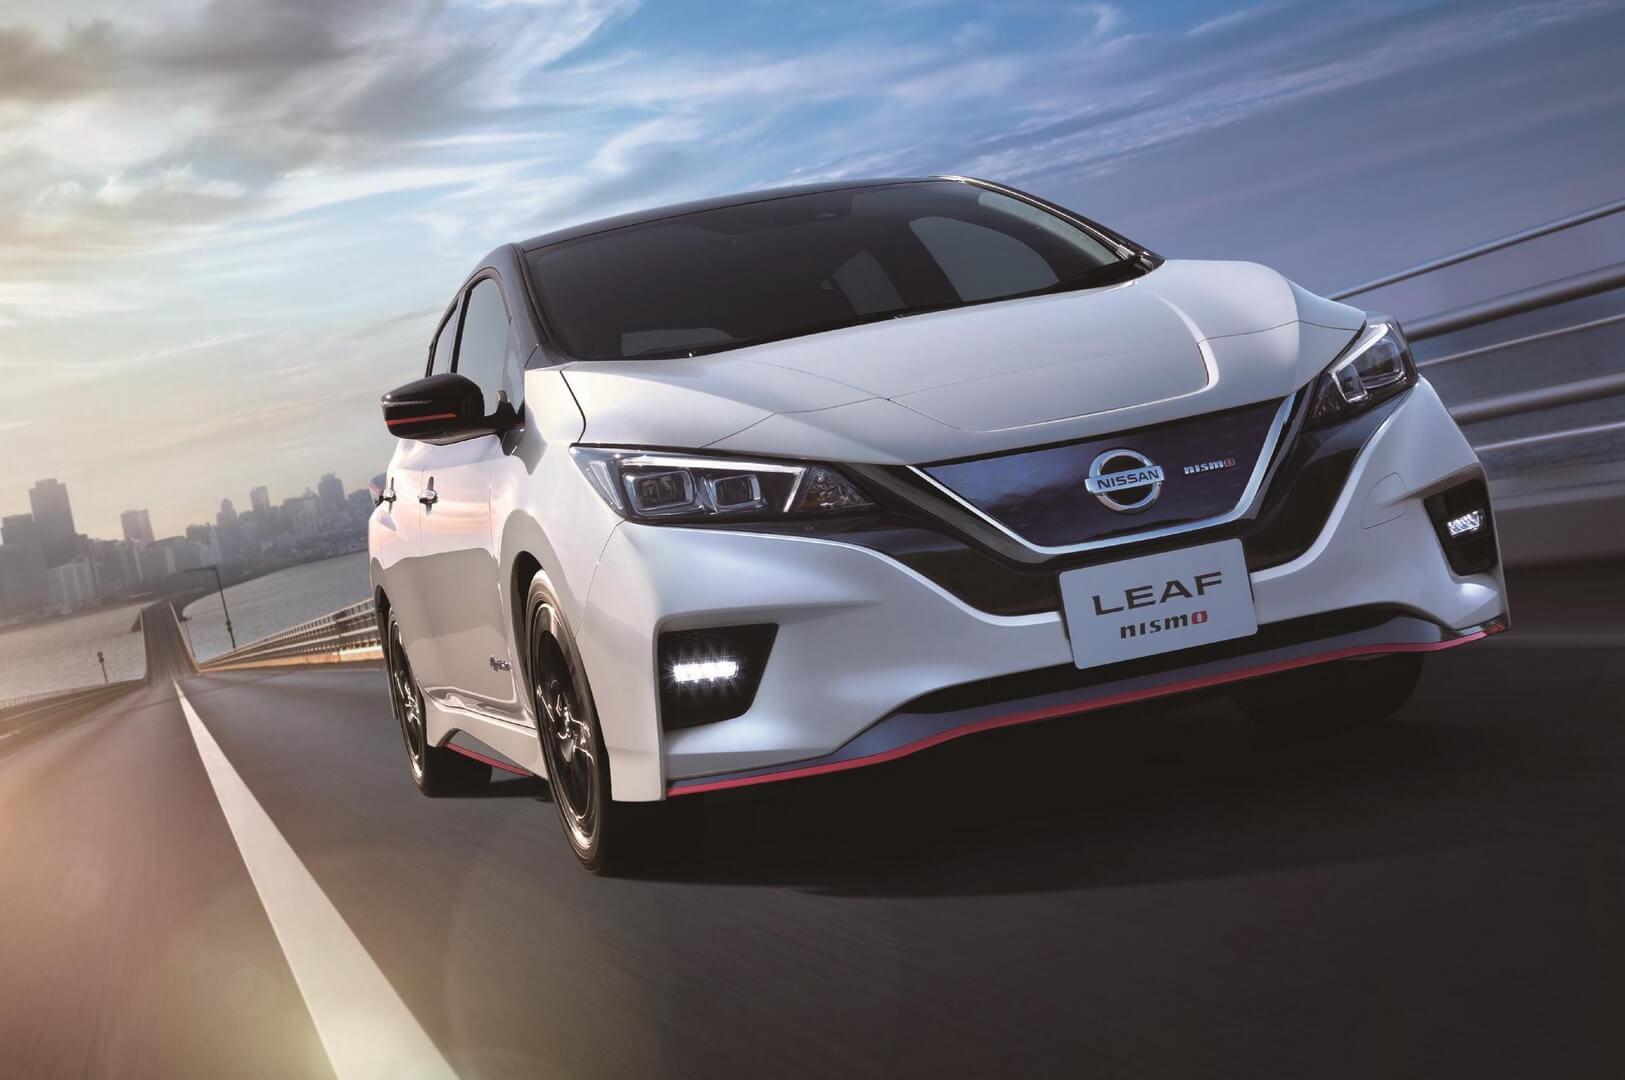 Nissan Leaf випустив заряджену версію Nismo